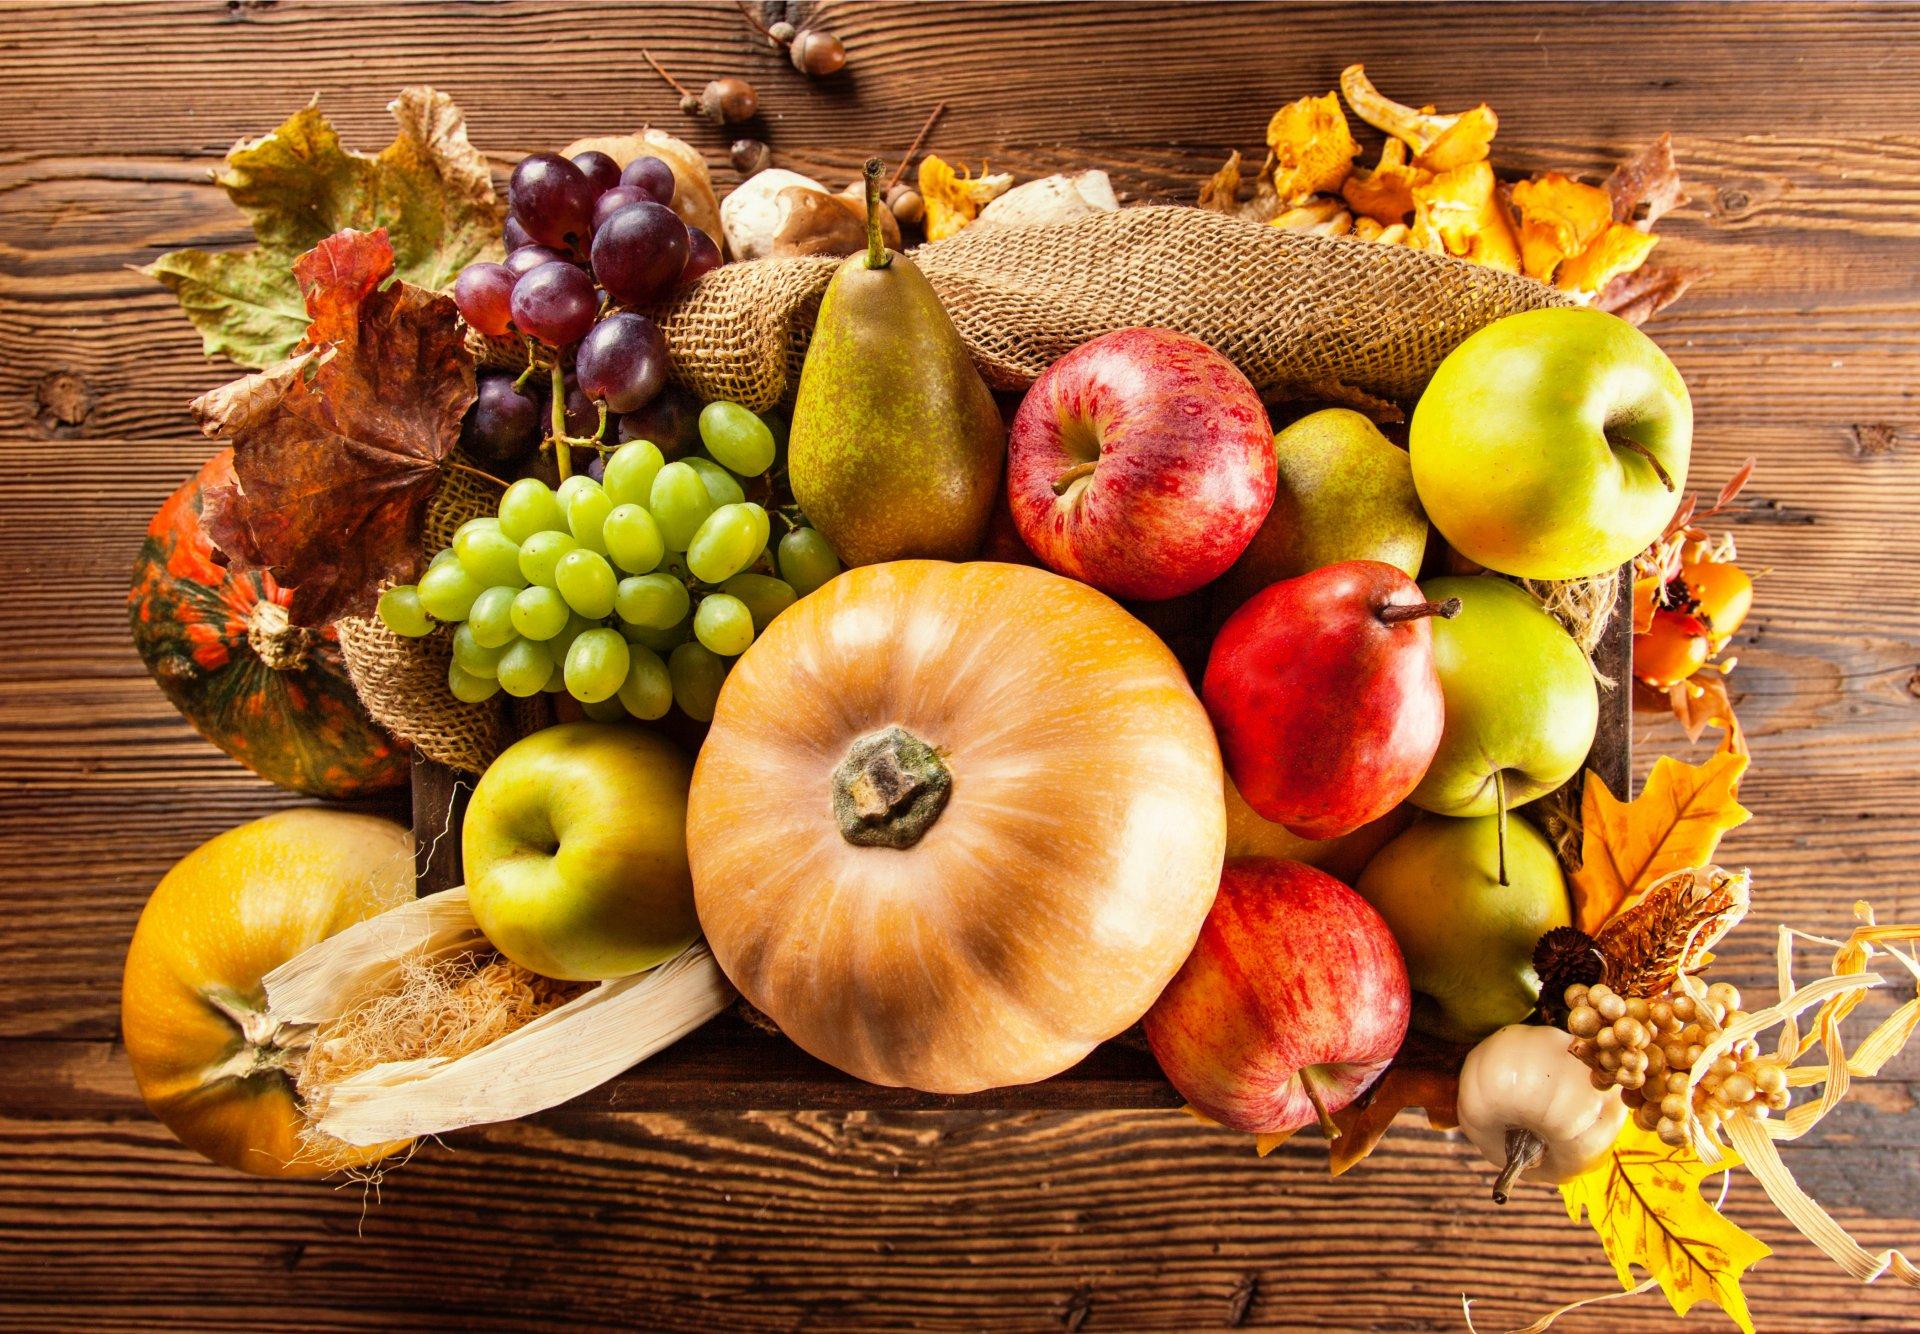 Обои Грибы, фрукты, овощи. Праздники foto 15